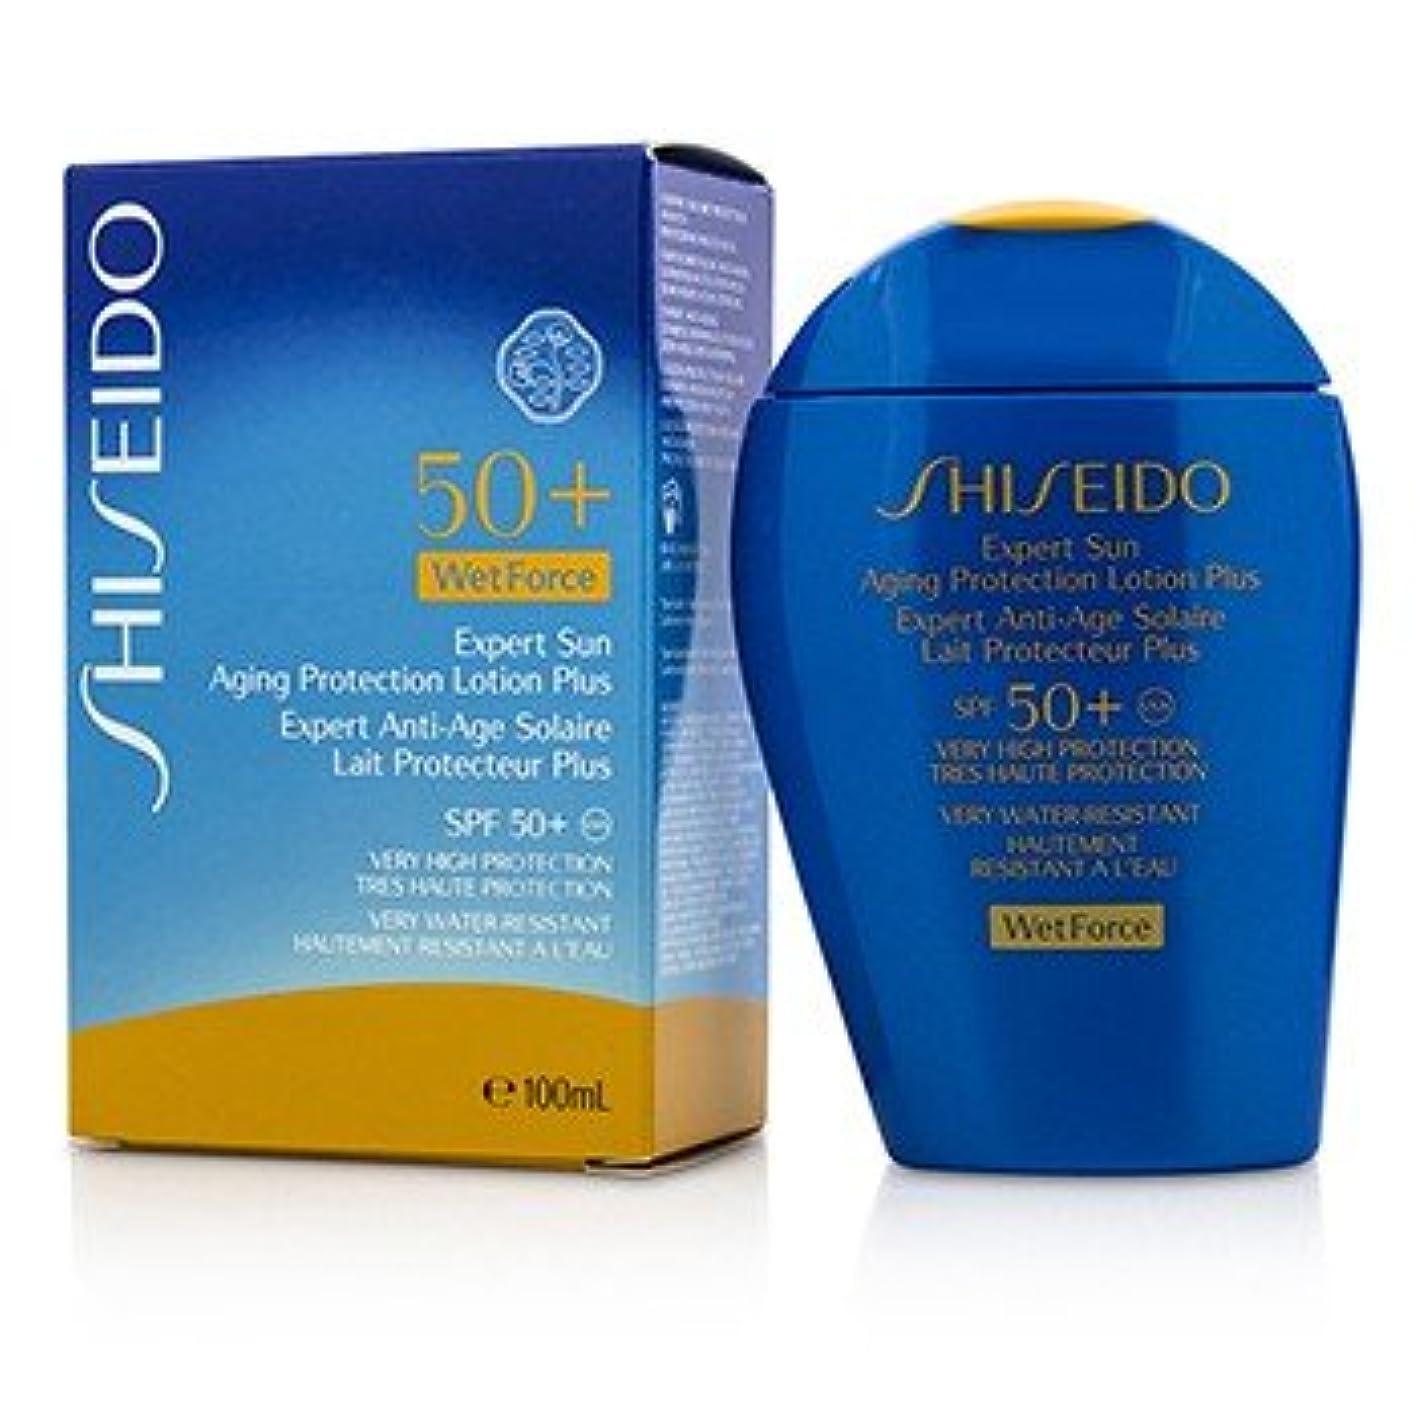 おなじみの悲惨ギャンブル[Shiseido] Expert Sun Aging Protection Lotion Plus WetForce For Face & Body SPF 50+ 100ml/3.4oz